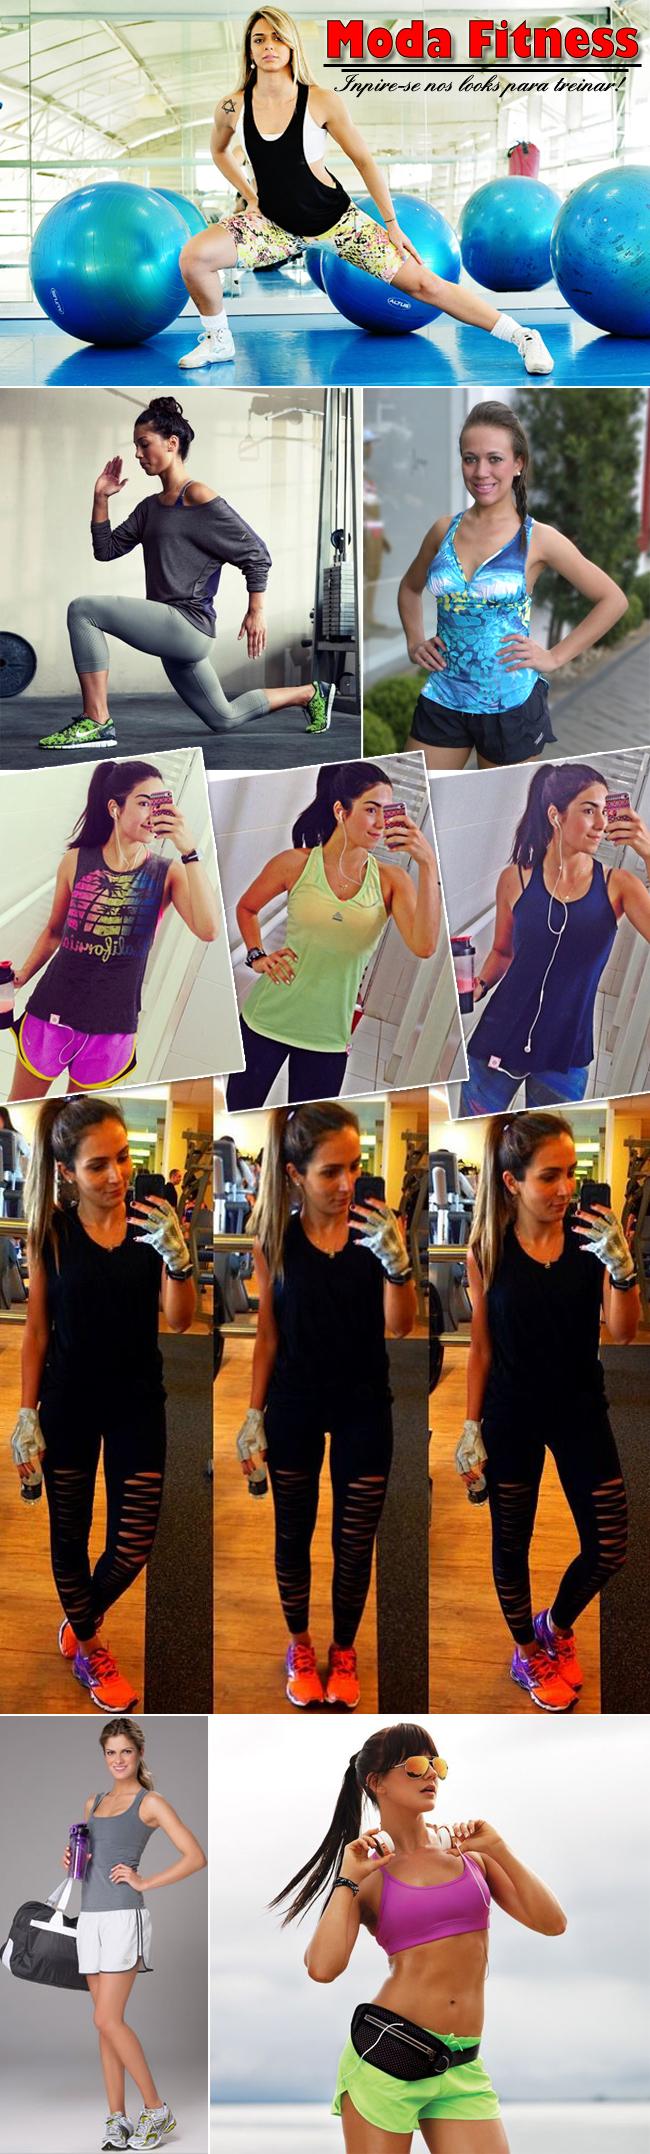 moda-fitness-inspire-se-nos-looks-para-treinar-copy